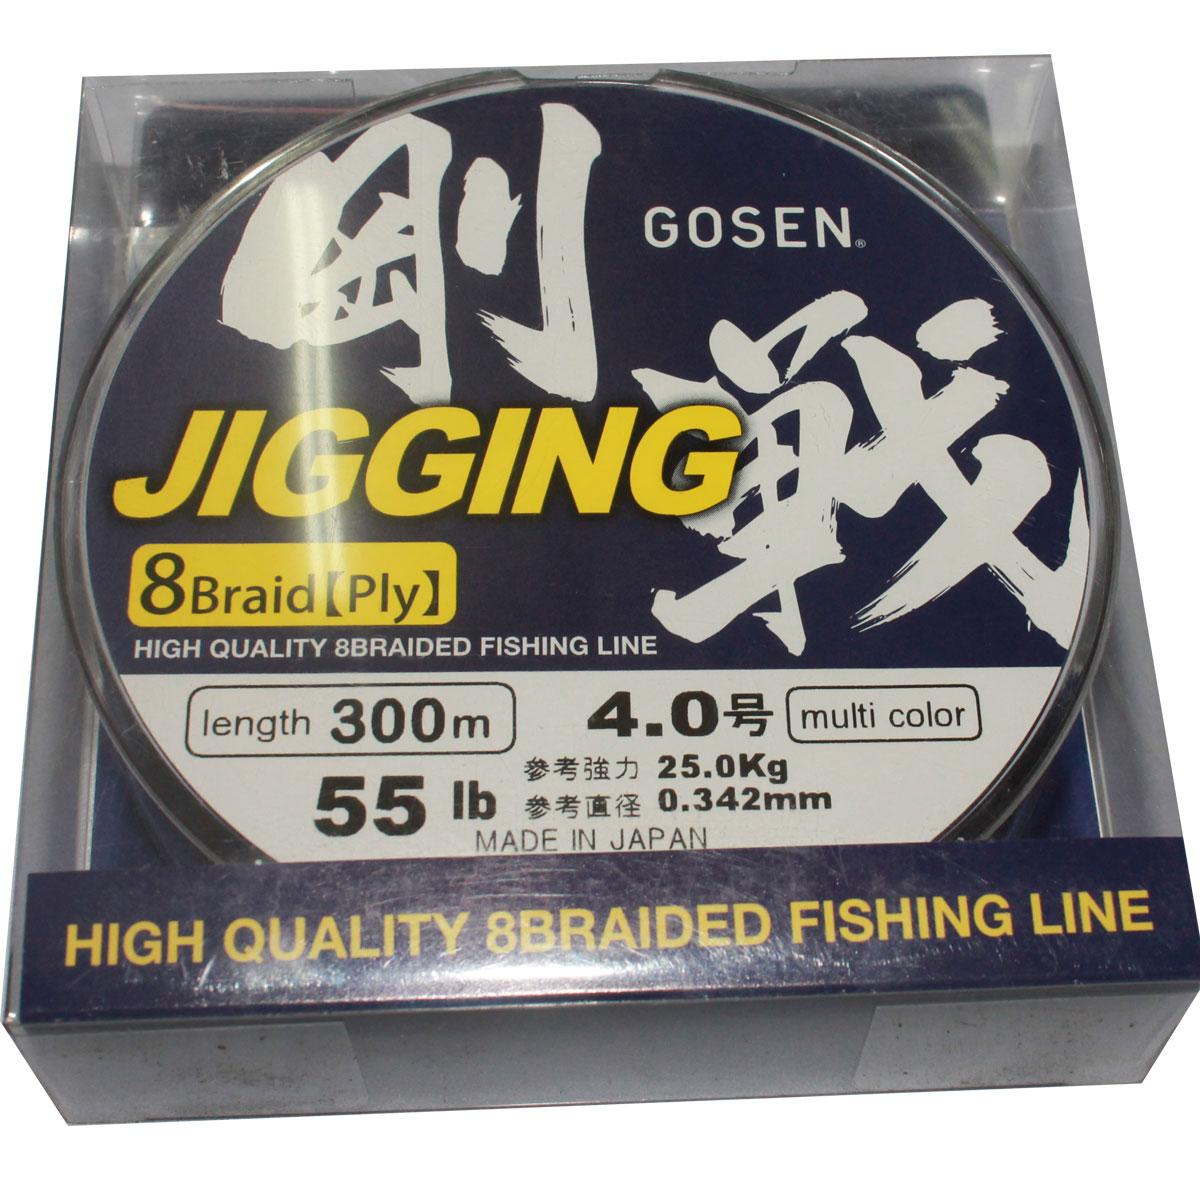 Dây Bện Câu Cá Gosen 8 Braided Ply Jigging PE 300m Loại Siêu Bền